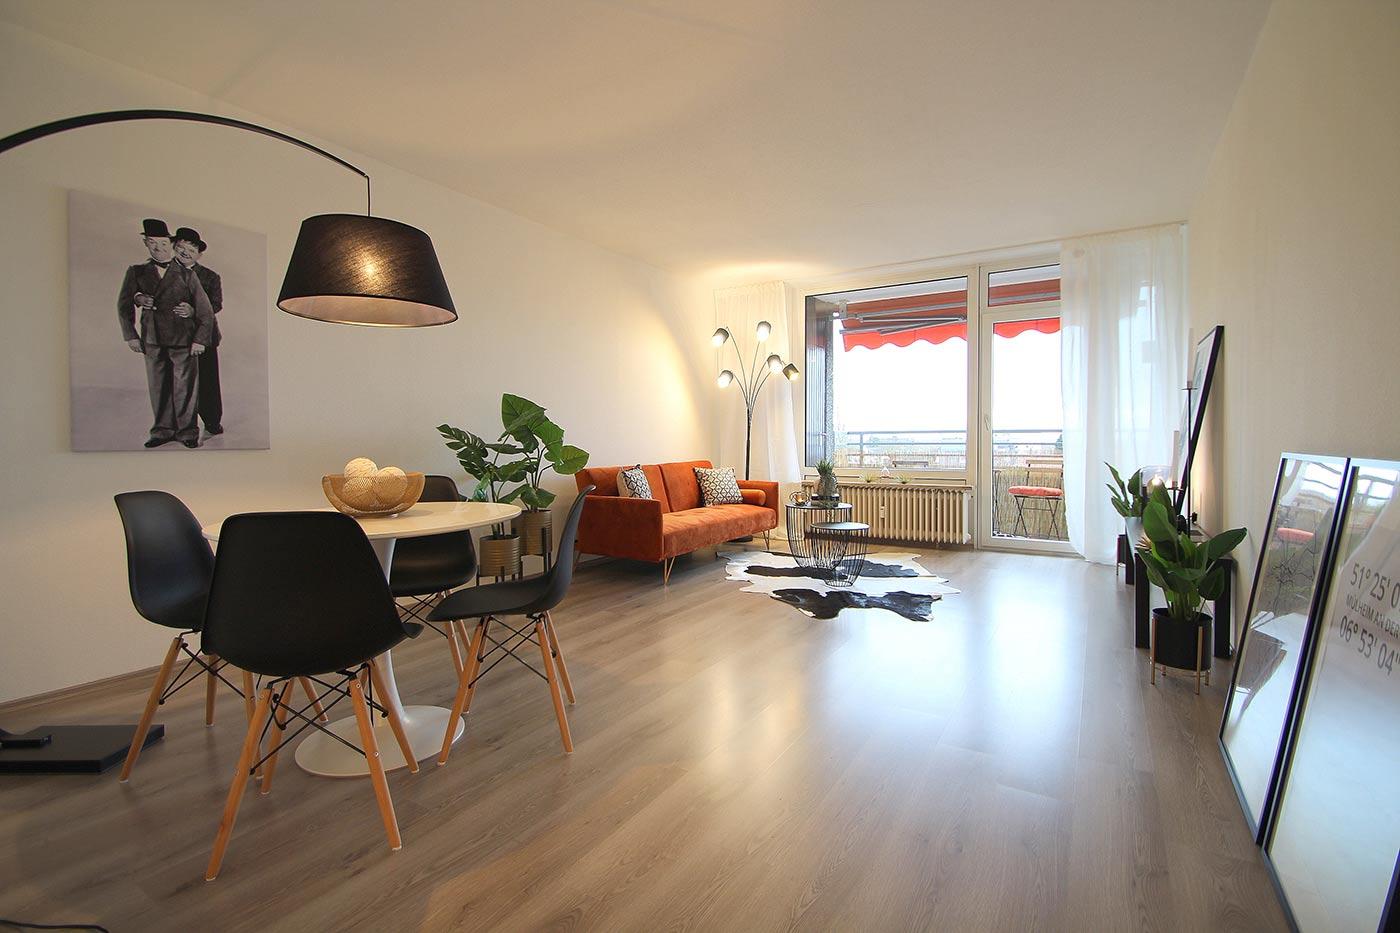 Wohnzimmer nach dem Homestaging durch Nicole Biernath von Blickfang Homestaging in Soest